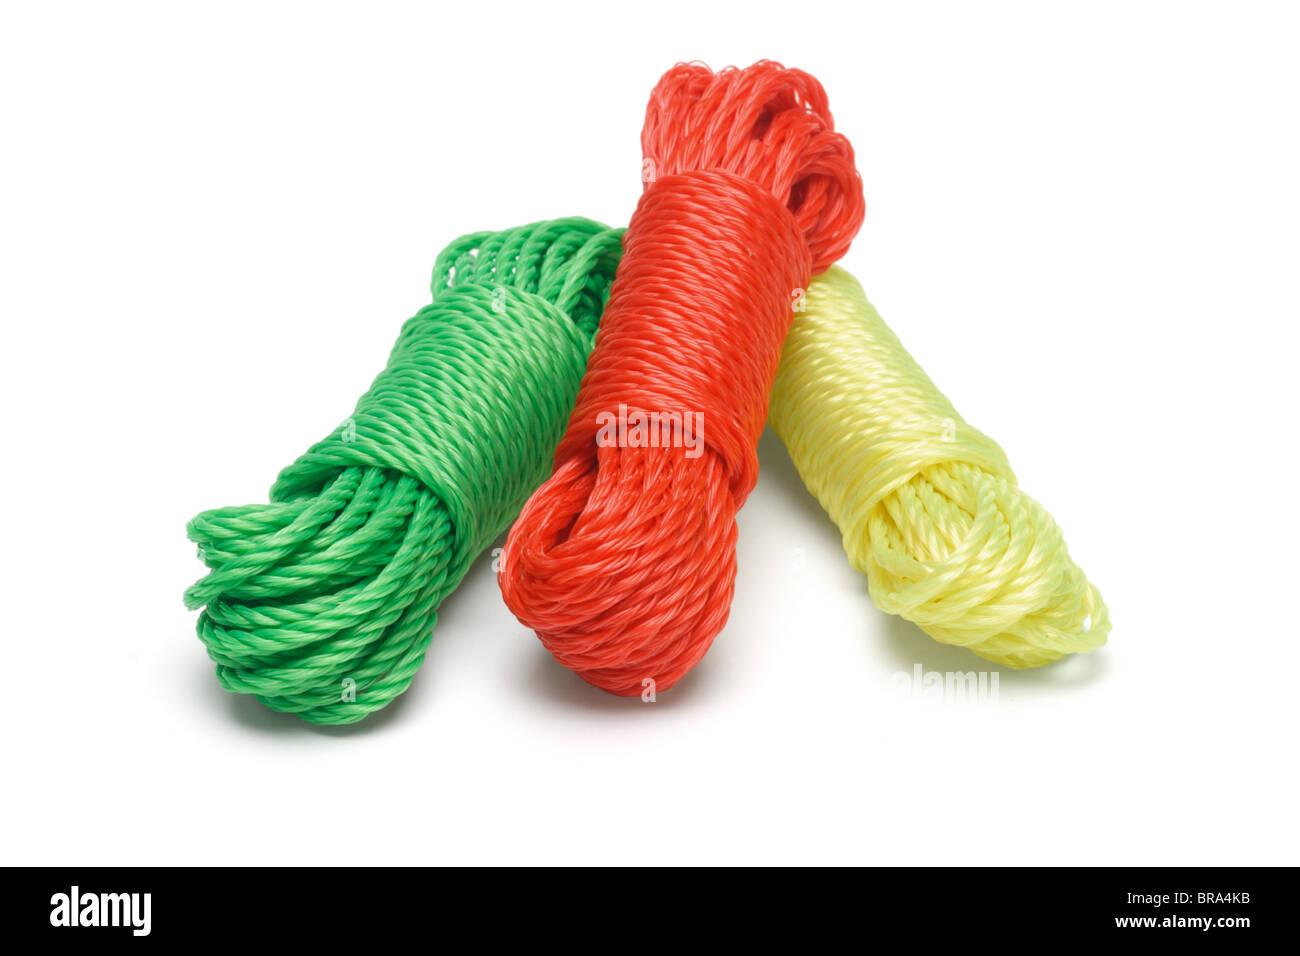 Drei Bündel von bunten Nylon Seile auf weißem Hintergrund Stockbild